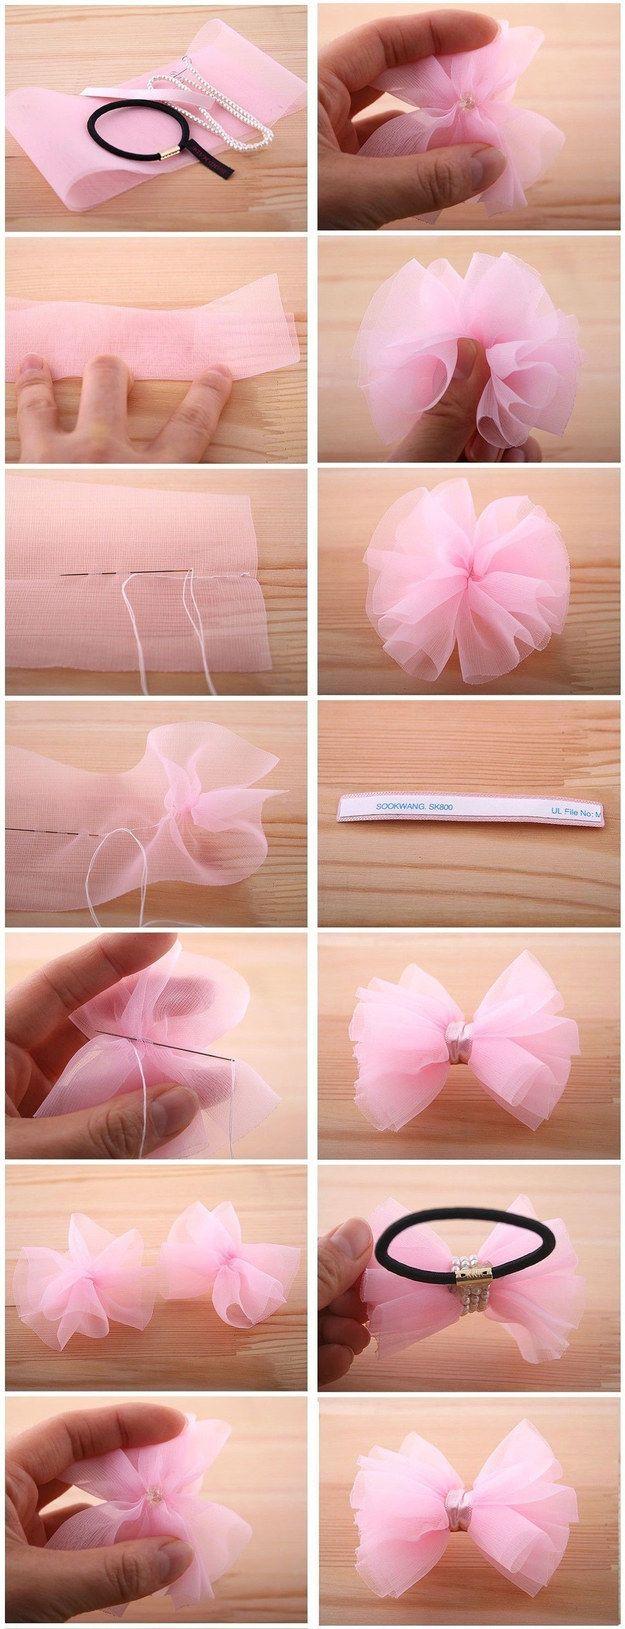 Esta es la forma más sencilla de hacer un moñito para ti o para regalar. | 19 Formas creativas de hacer tus propios accesorios para el pelo